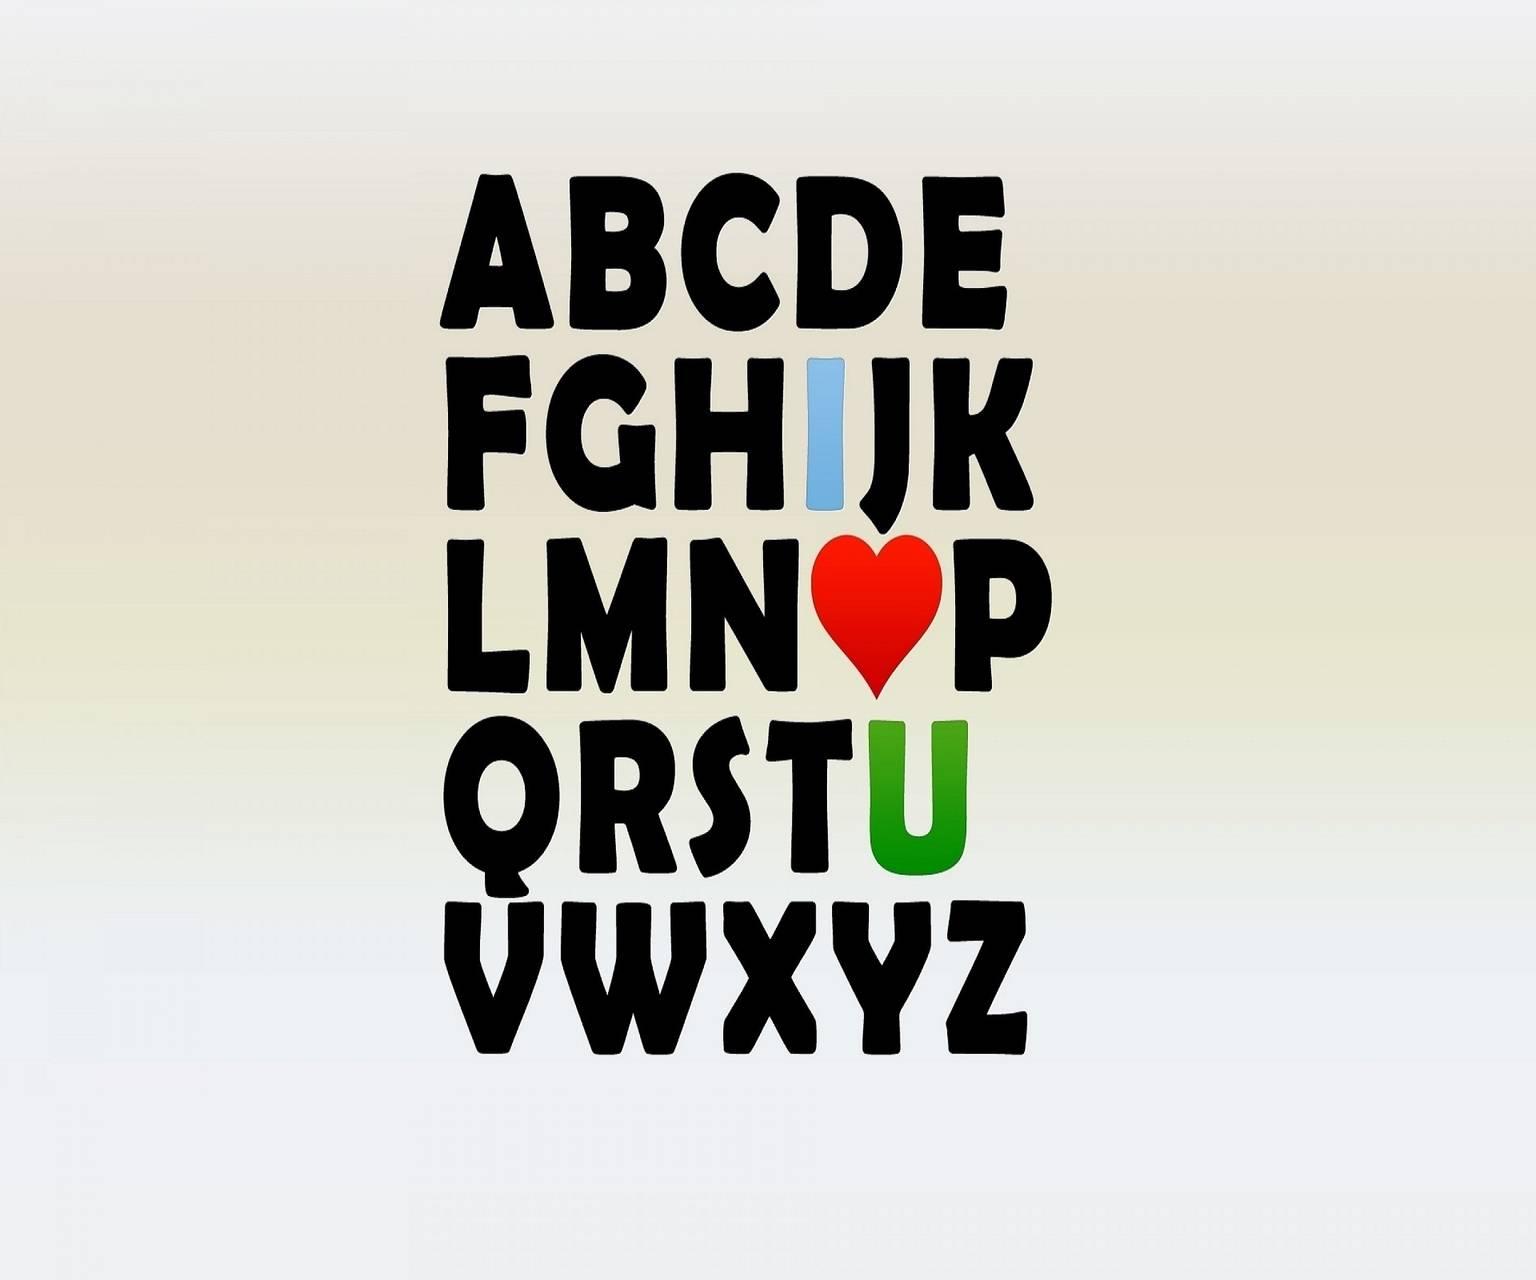 A B C D of love